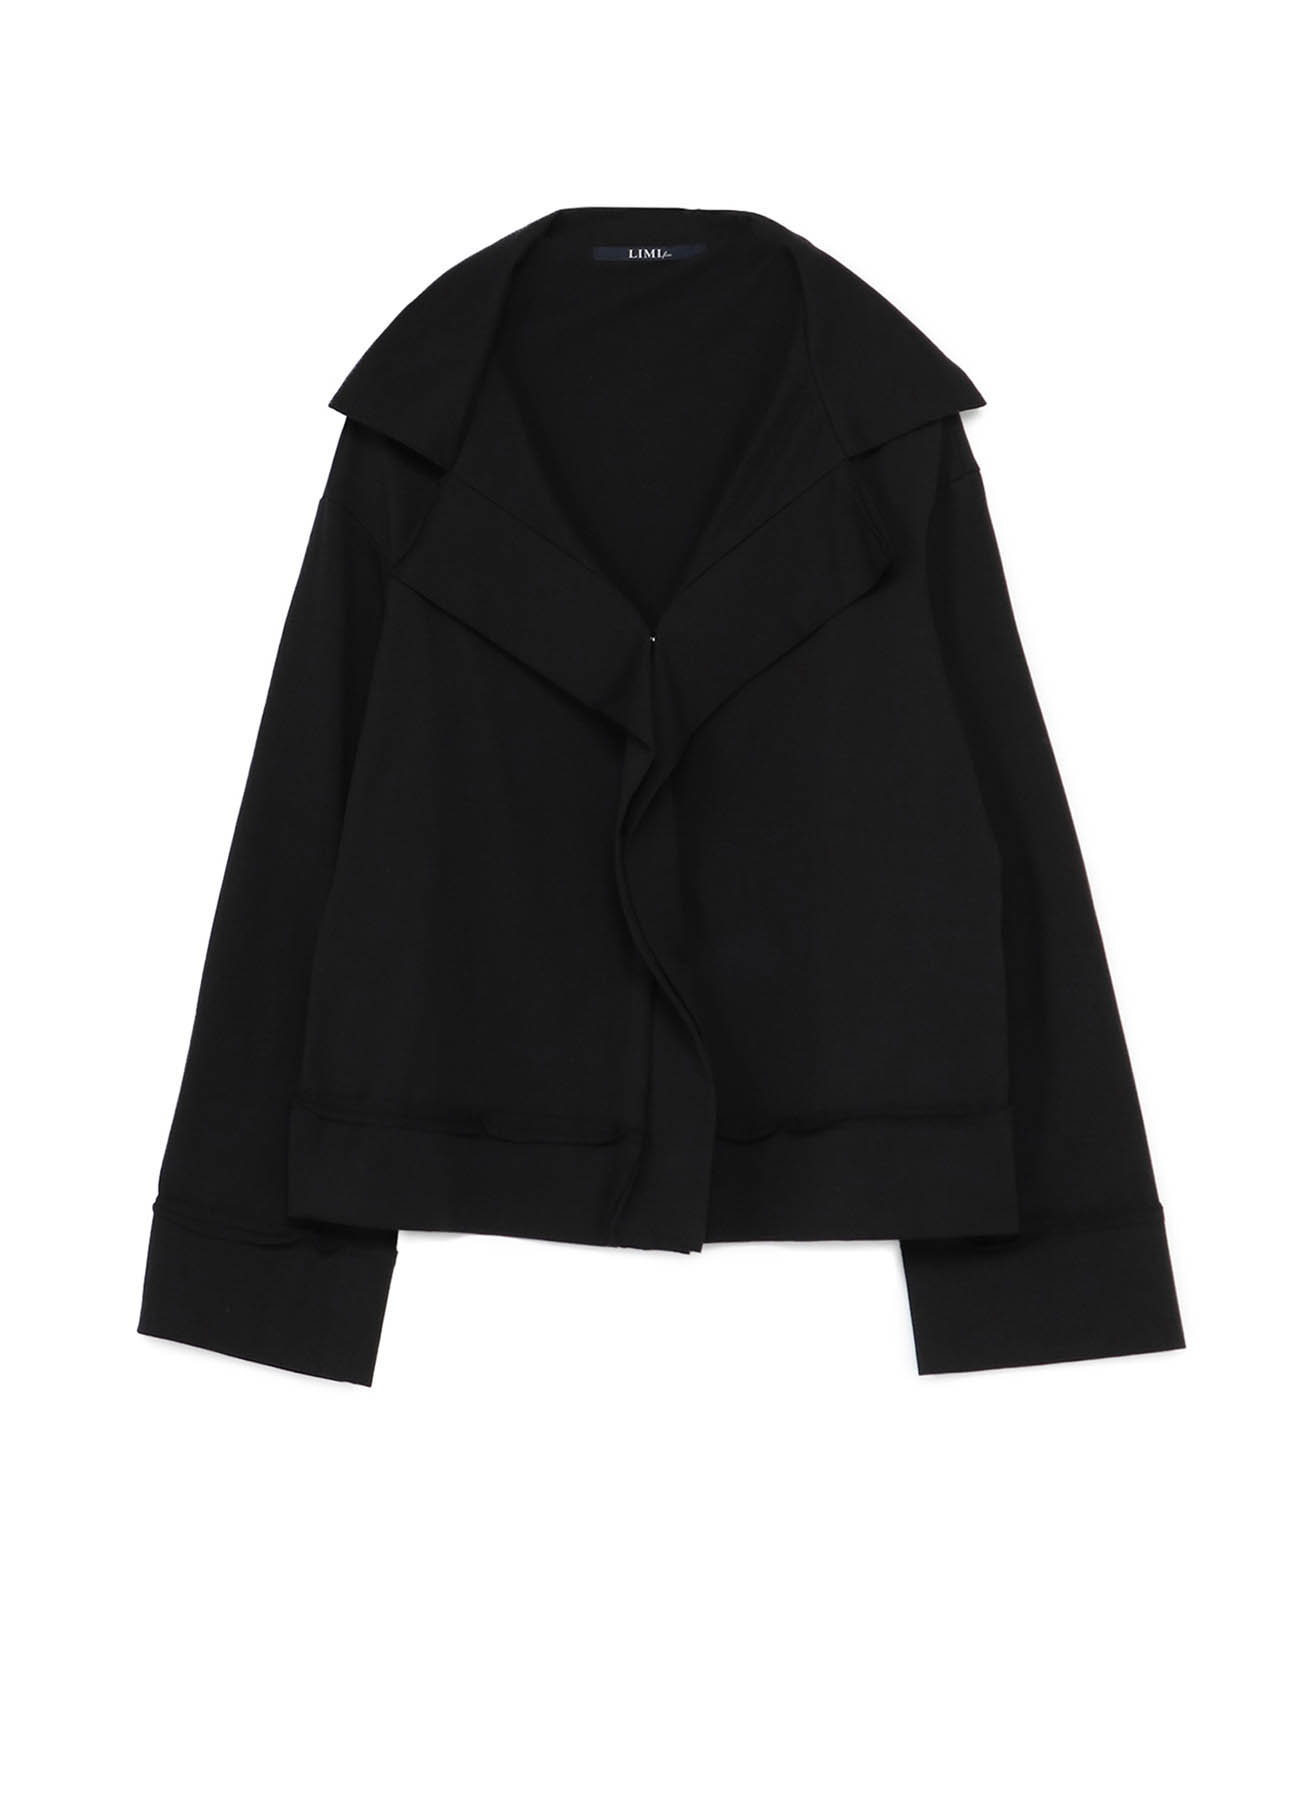 40/2 Cotton Plain stitch Sloped Shoulder Cardigan A